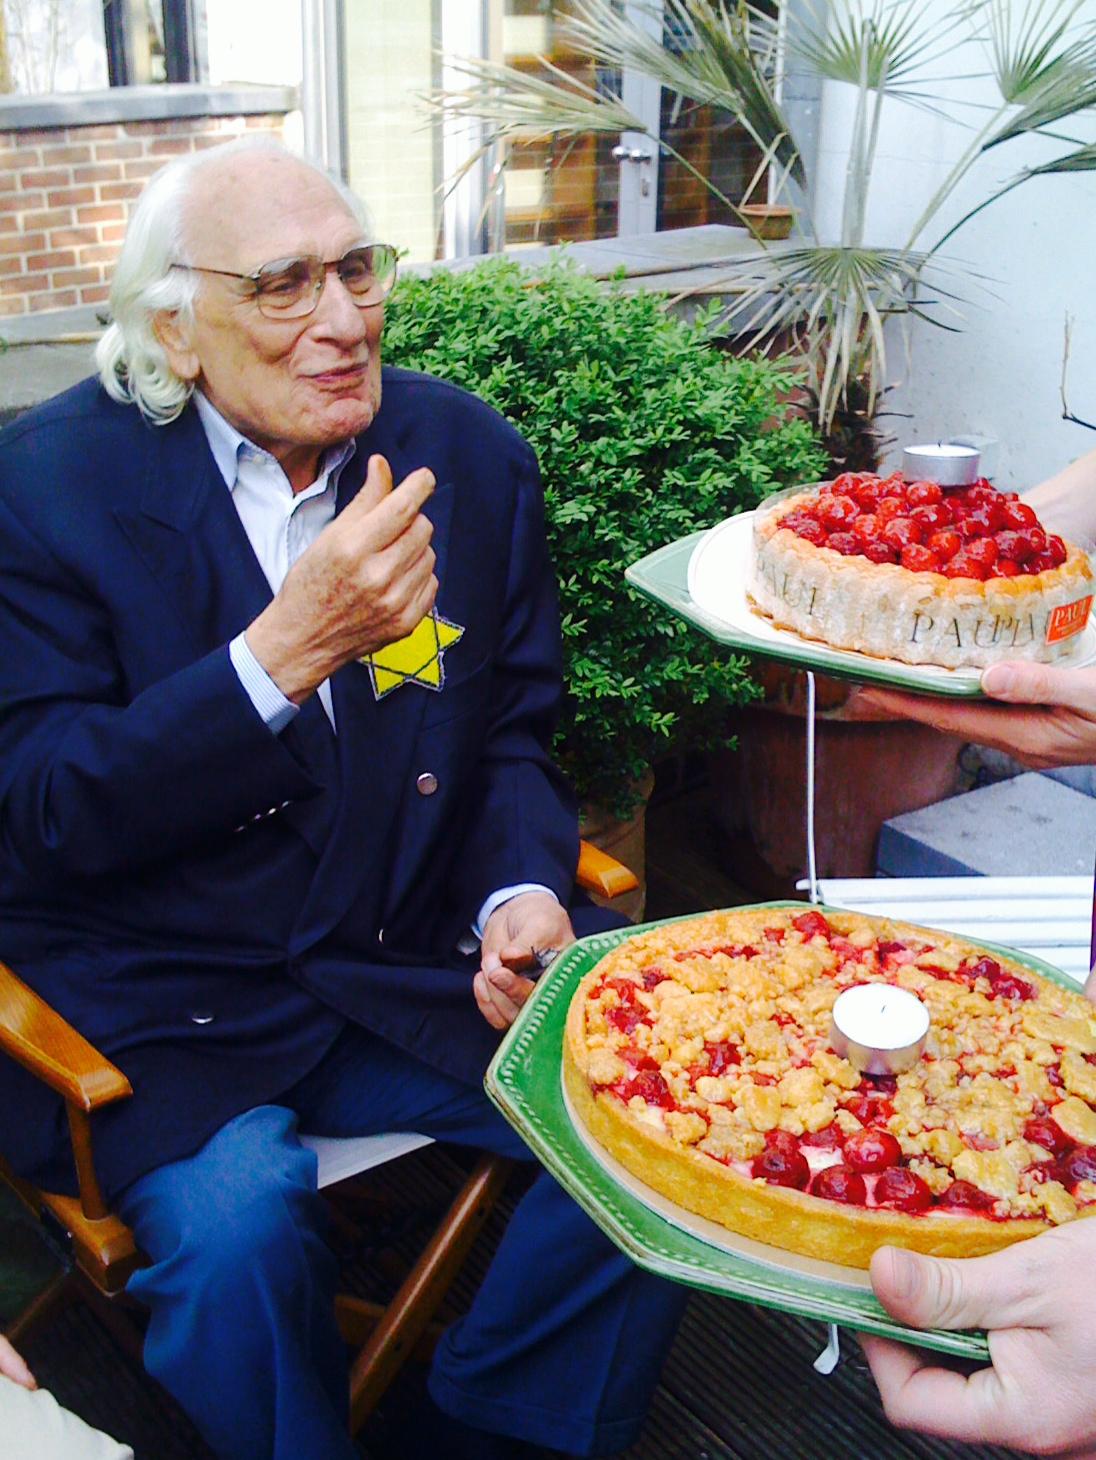 Buon compleanno Pannella: 84 anni e rilancia la lotta sul diritto alla vita e sull'amnistia con un brindisi a Zì Giacinto